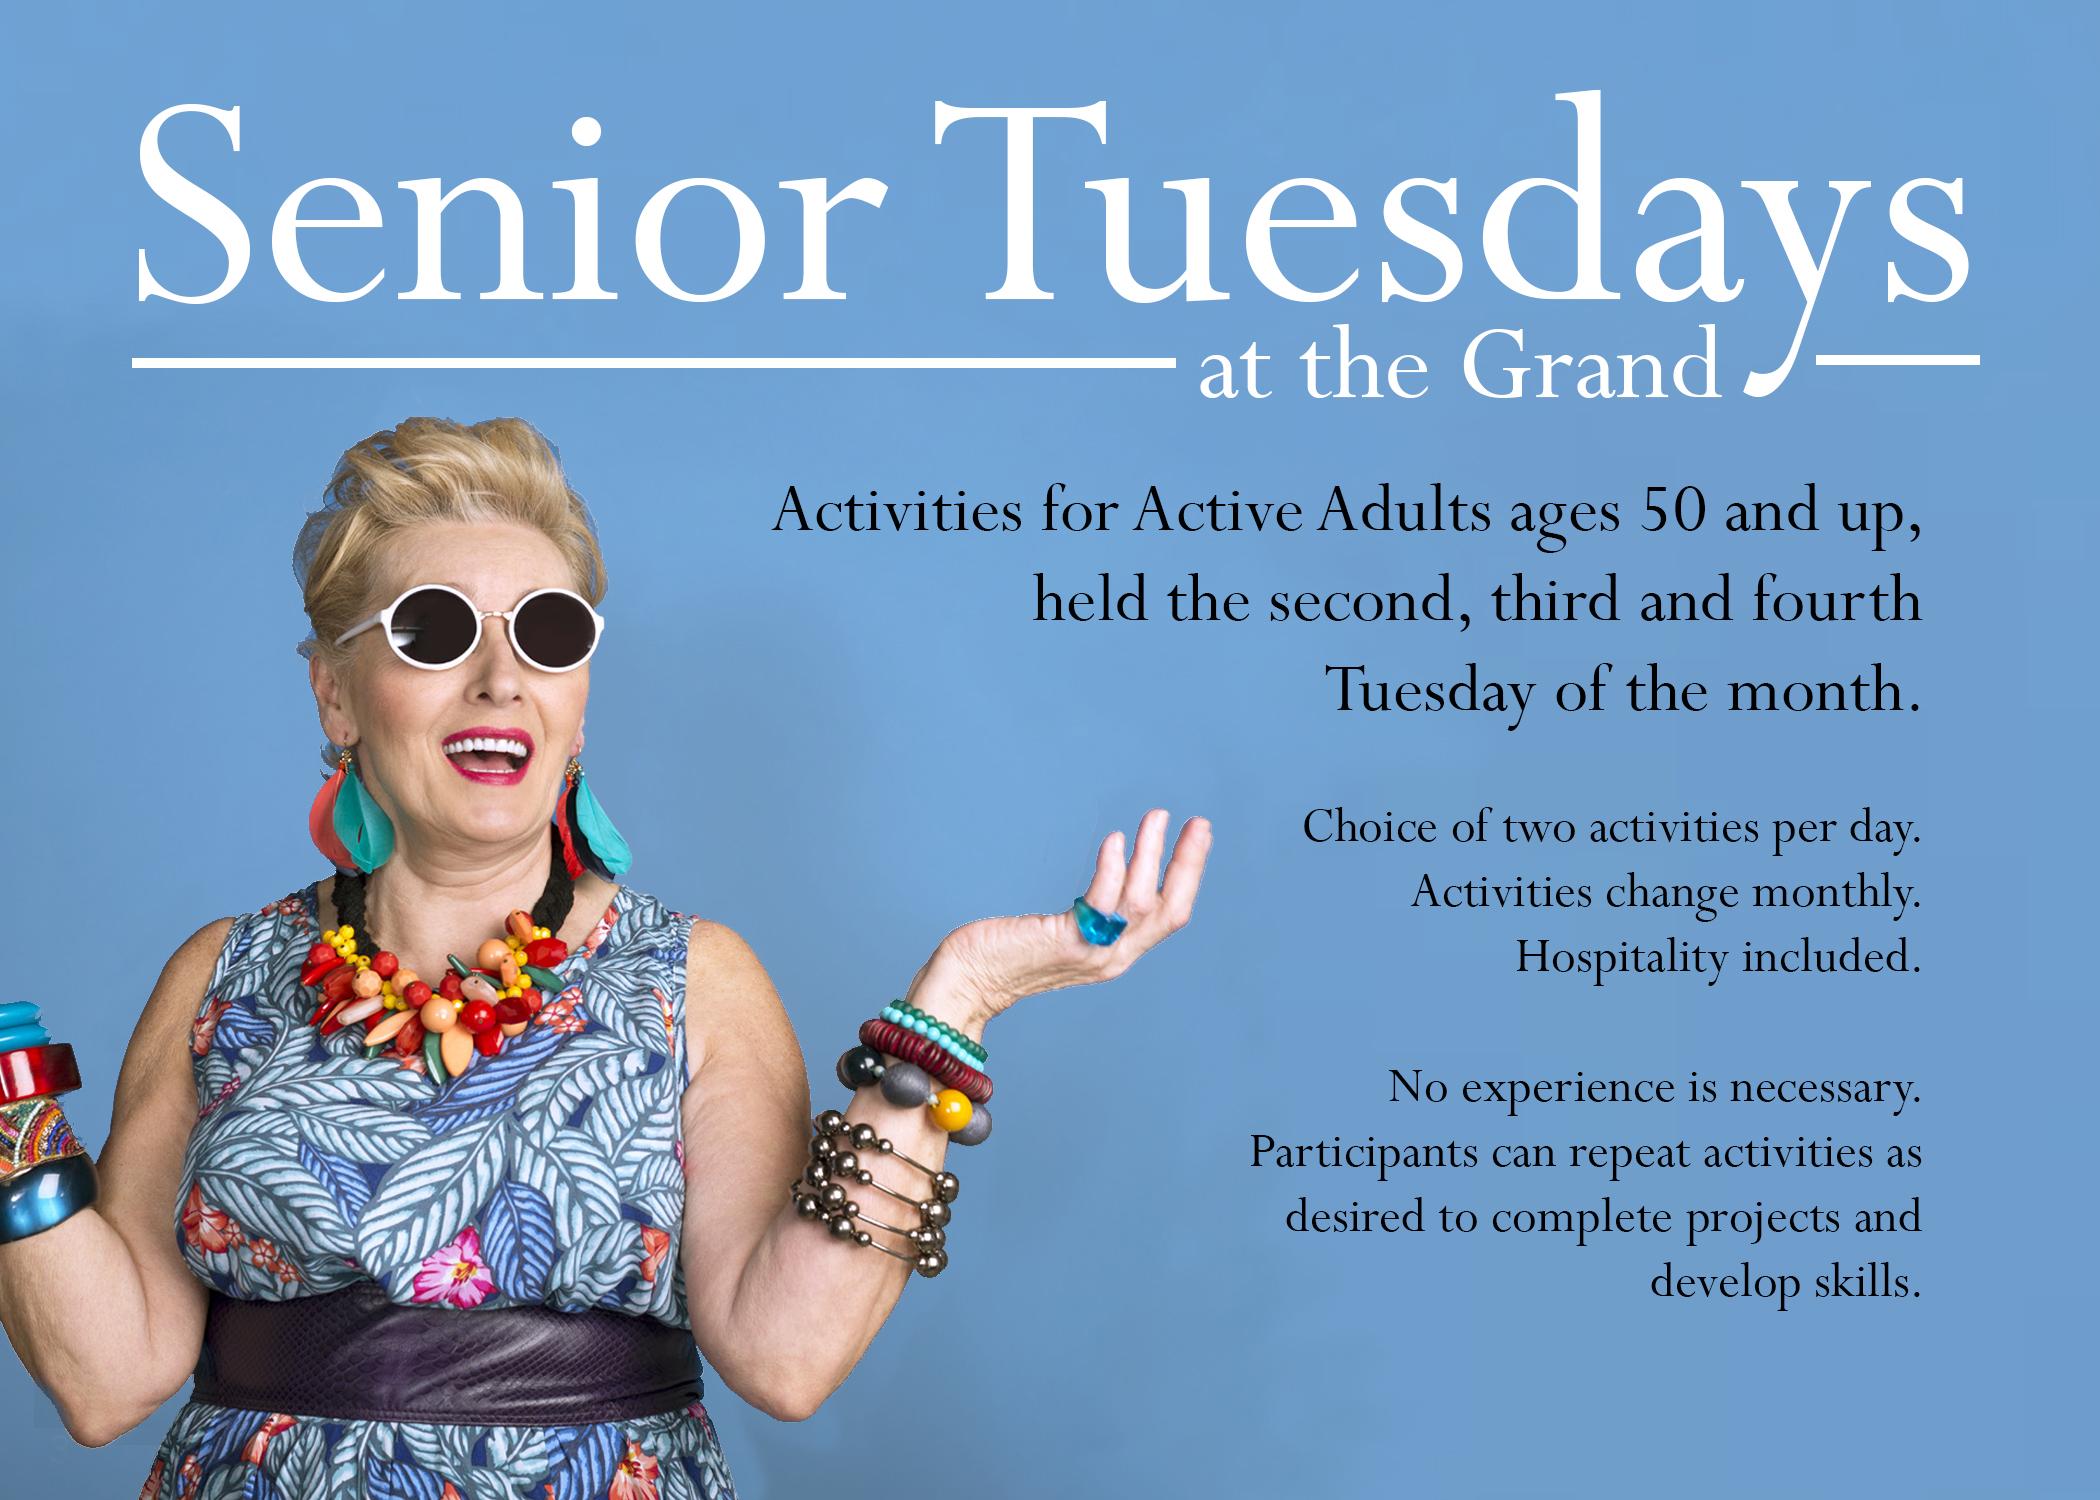 SeniorTuesdayPostcardFront